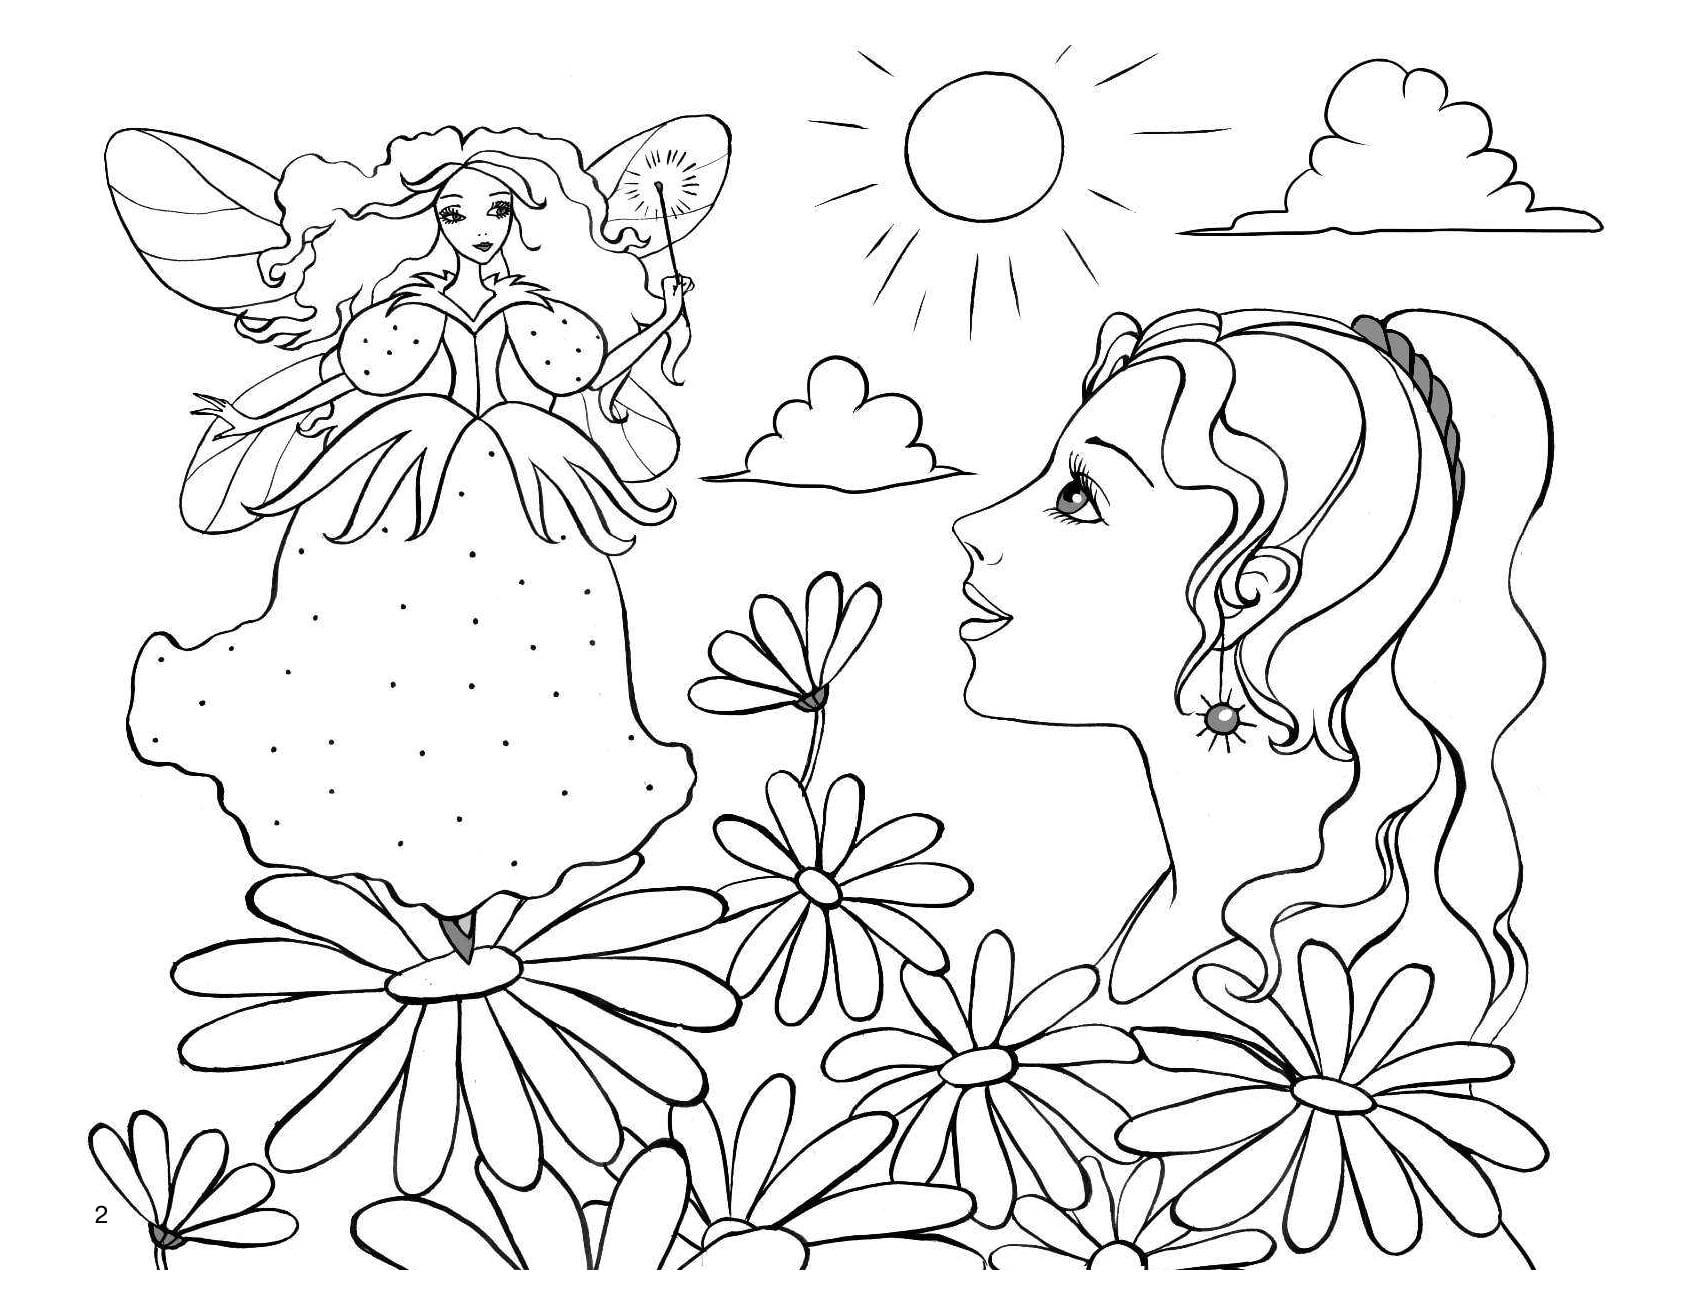 Распечатайте антистрессовые раскраски для девочек здесь! 111 штук